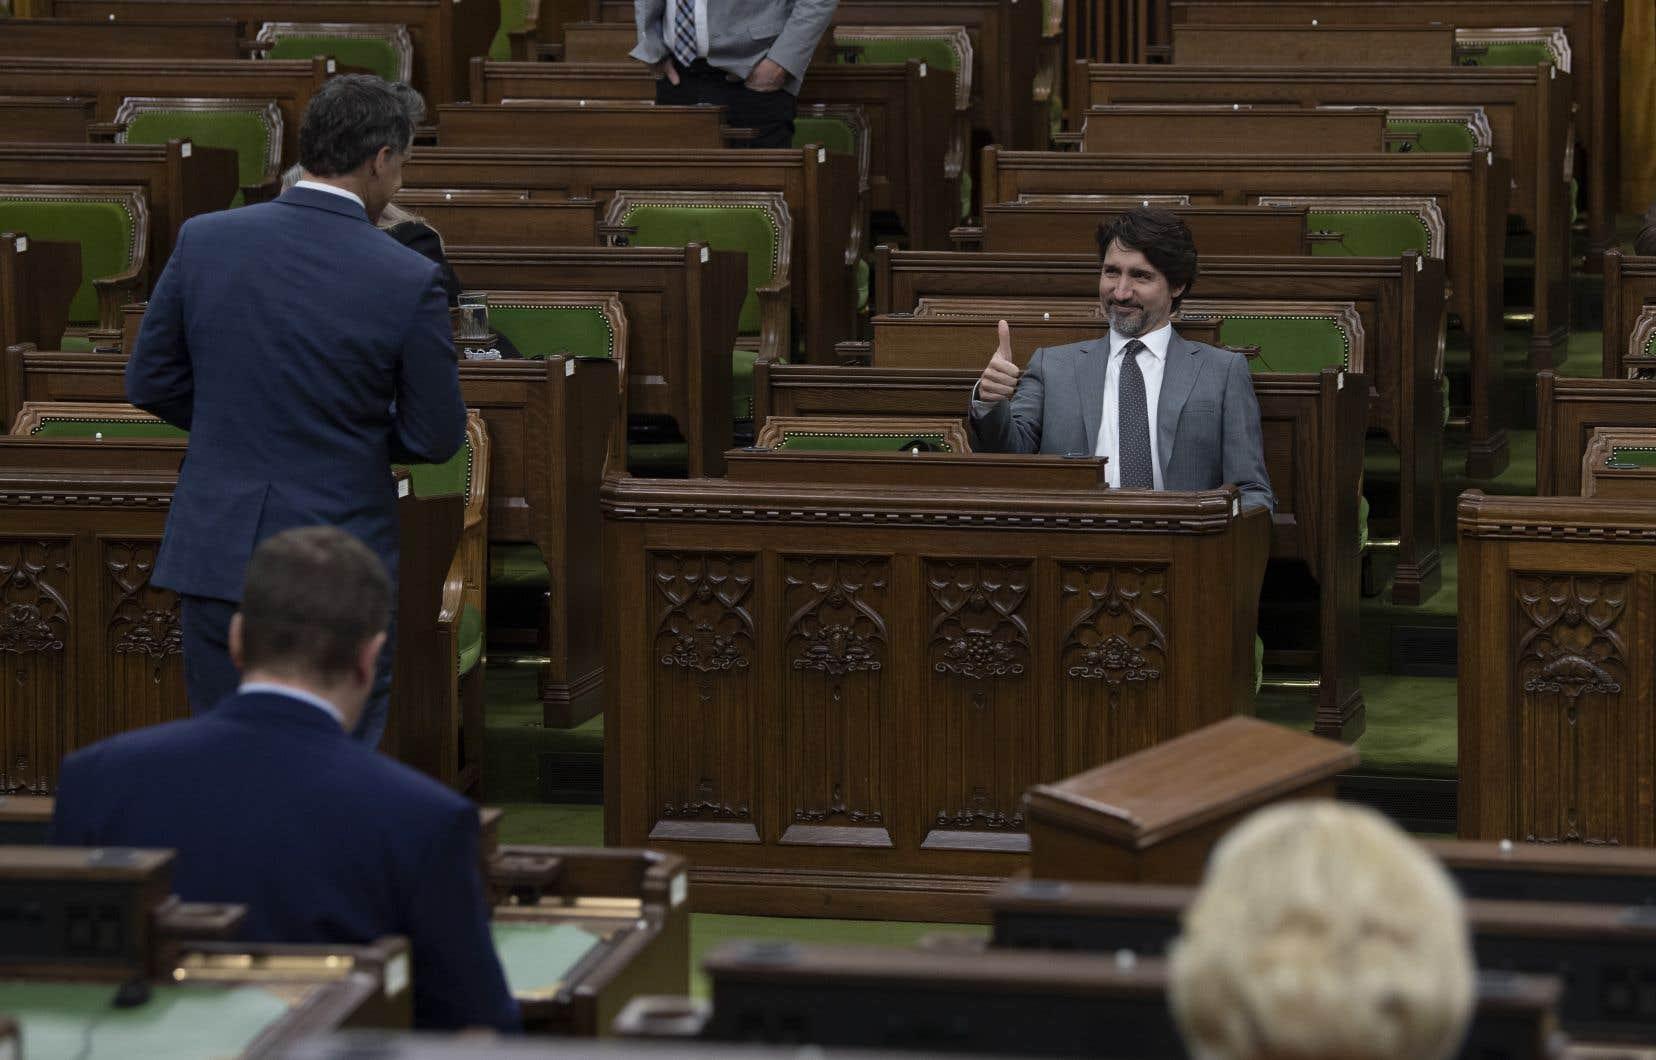 Il a été convenu d'appuyer un projet de loi très vague accompagné d'une motion par laquelle le gouvernement promet de répondre aux demandes de l'opposition par voie réglementaire.